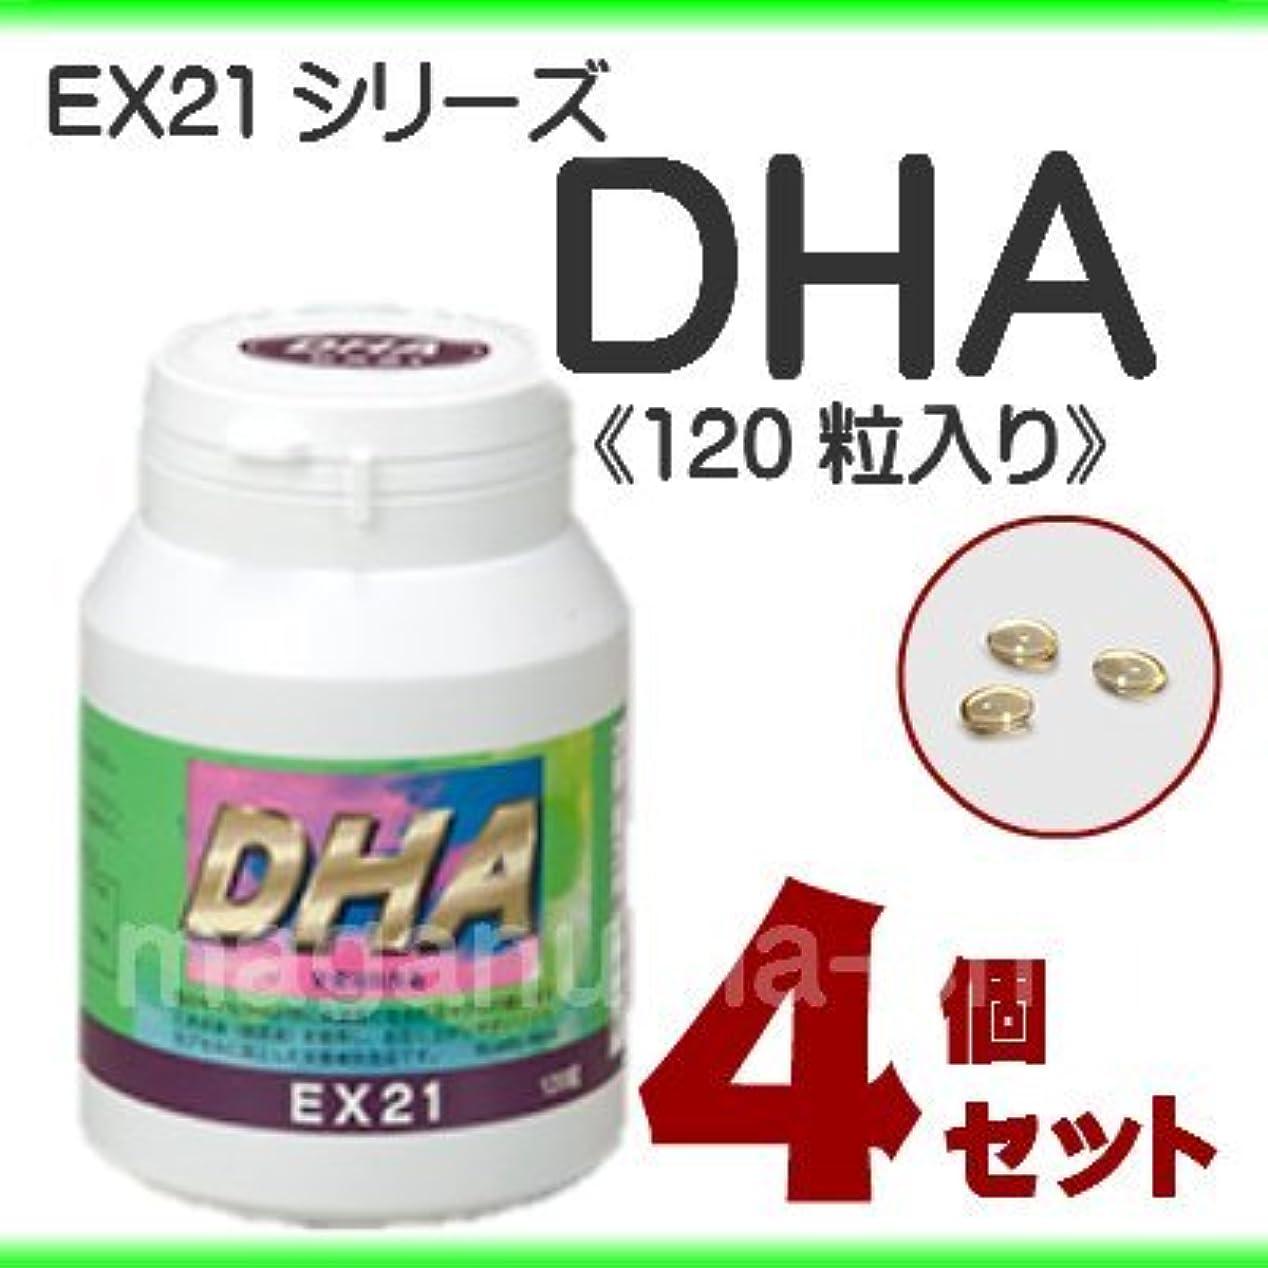 再撮り刈る成功するEX21シリーズ DHA 4個セット